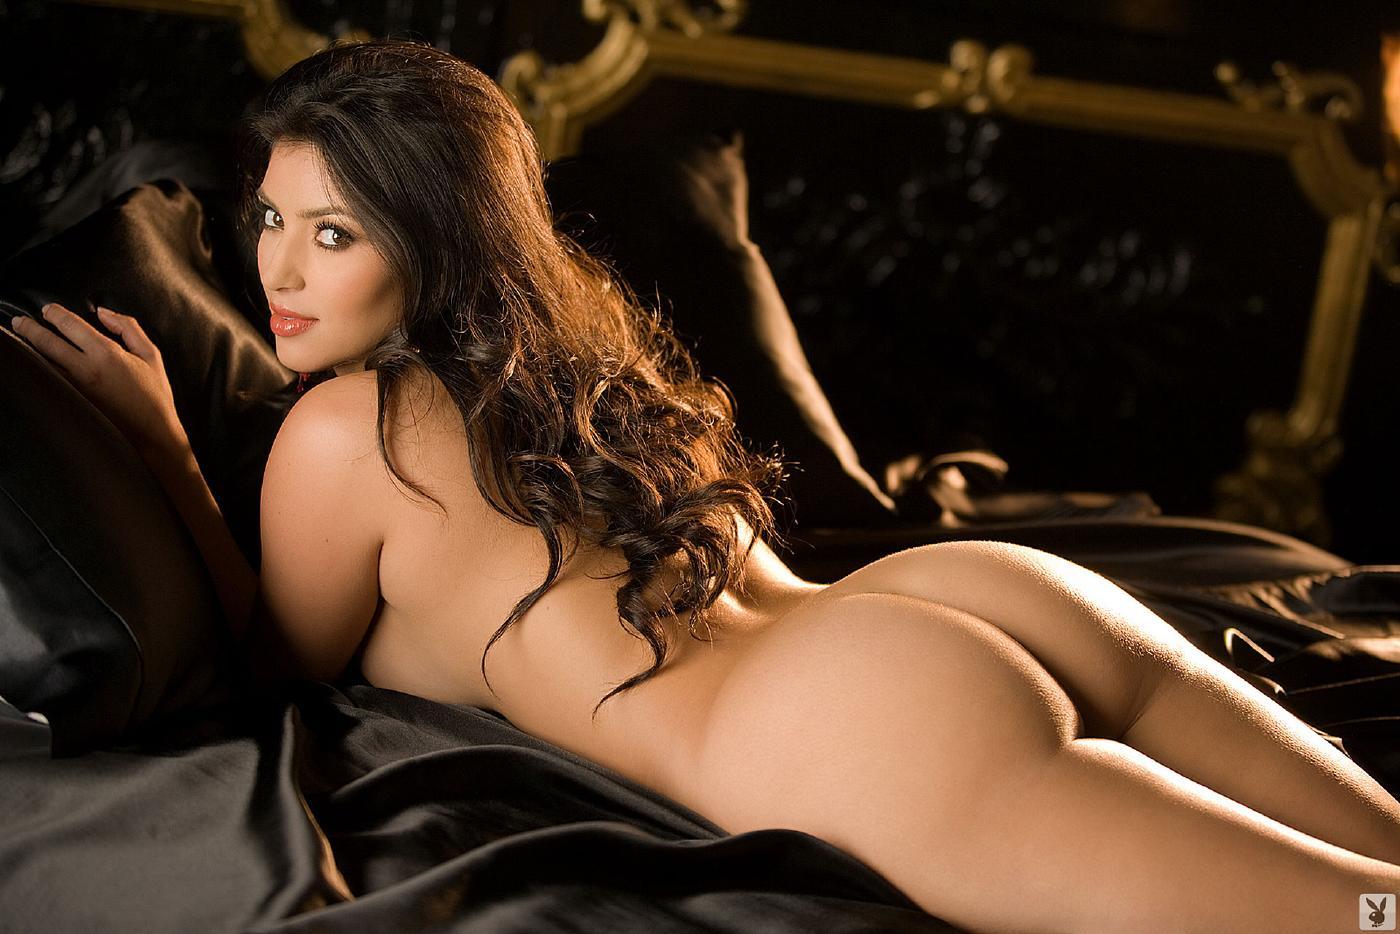 Kim Kardashian Playboy Nude Photoshoot Leaked 0002